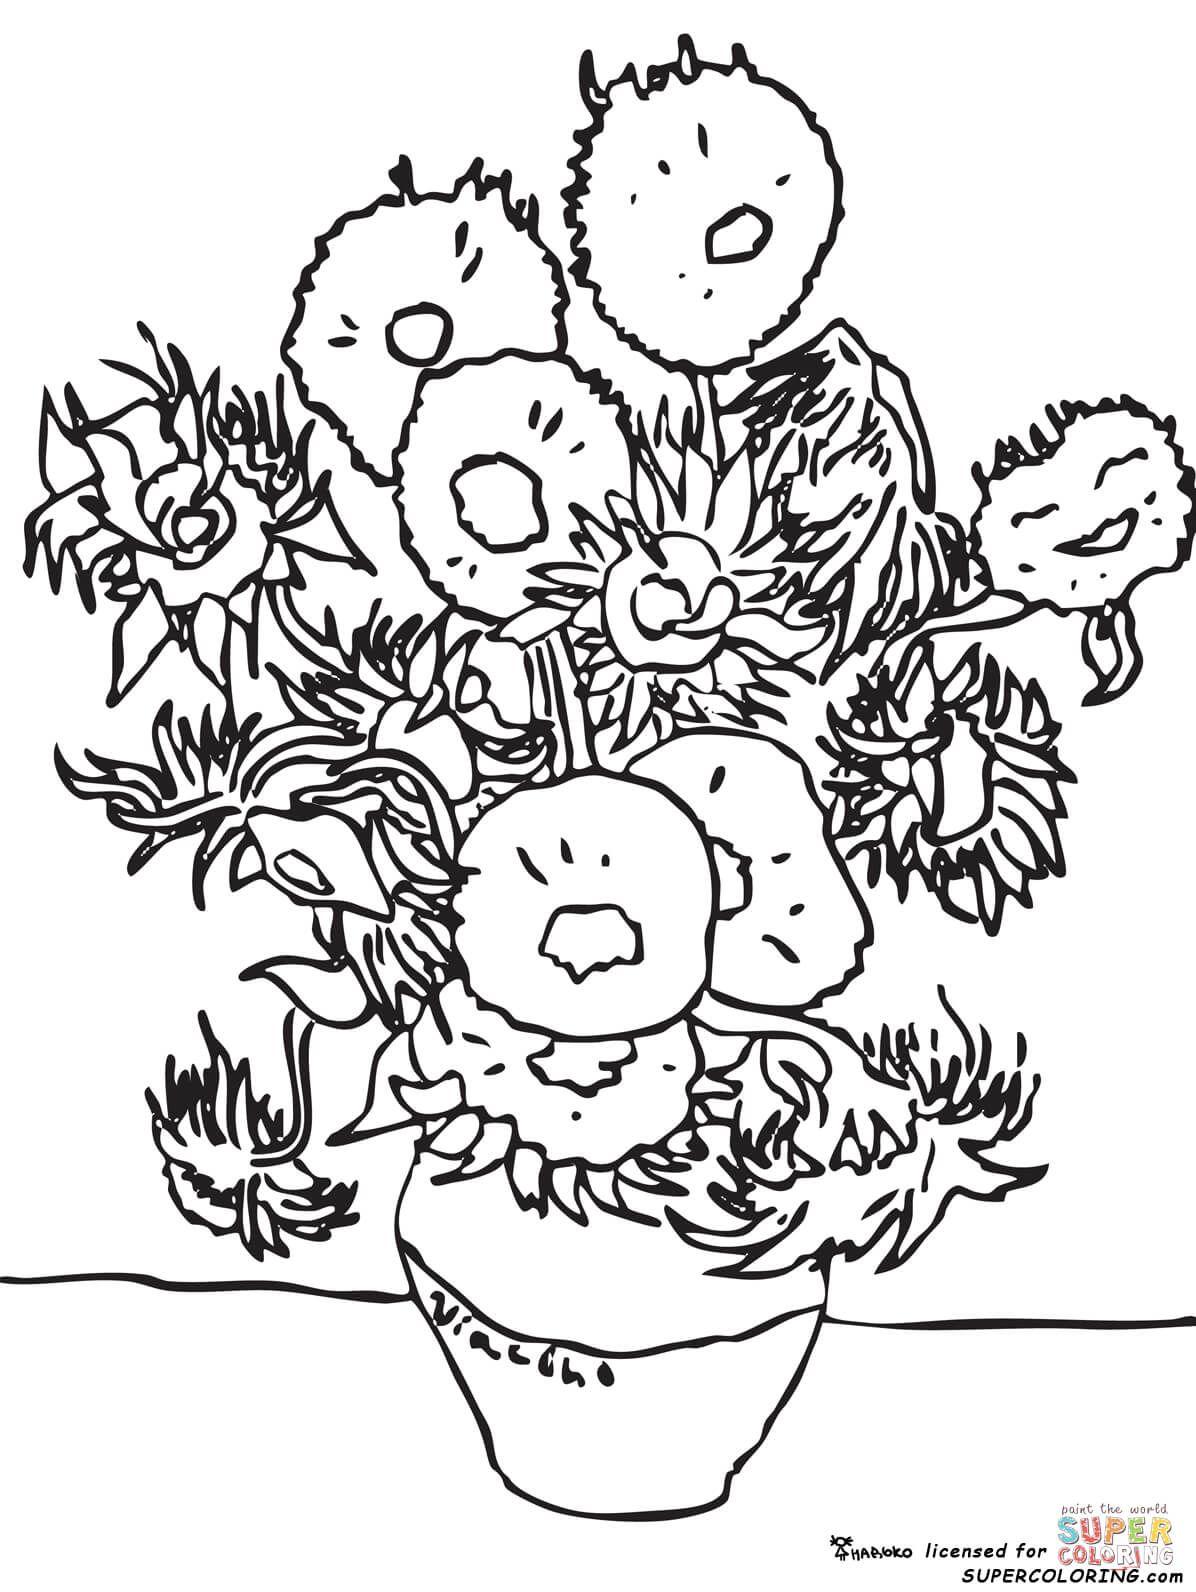 pablo picasso disegni da colorare